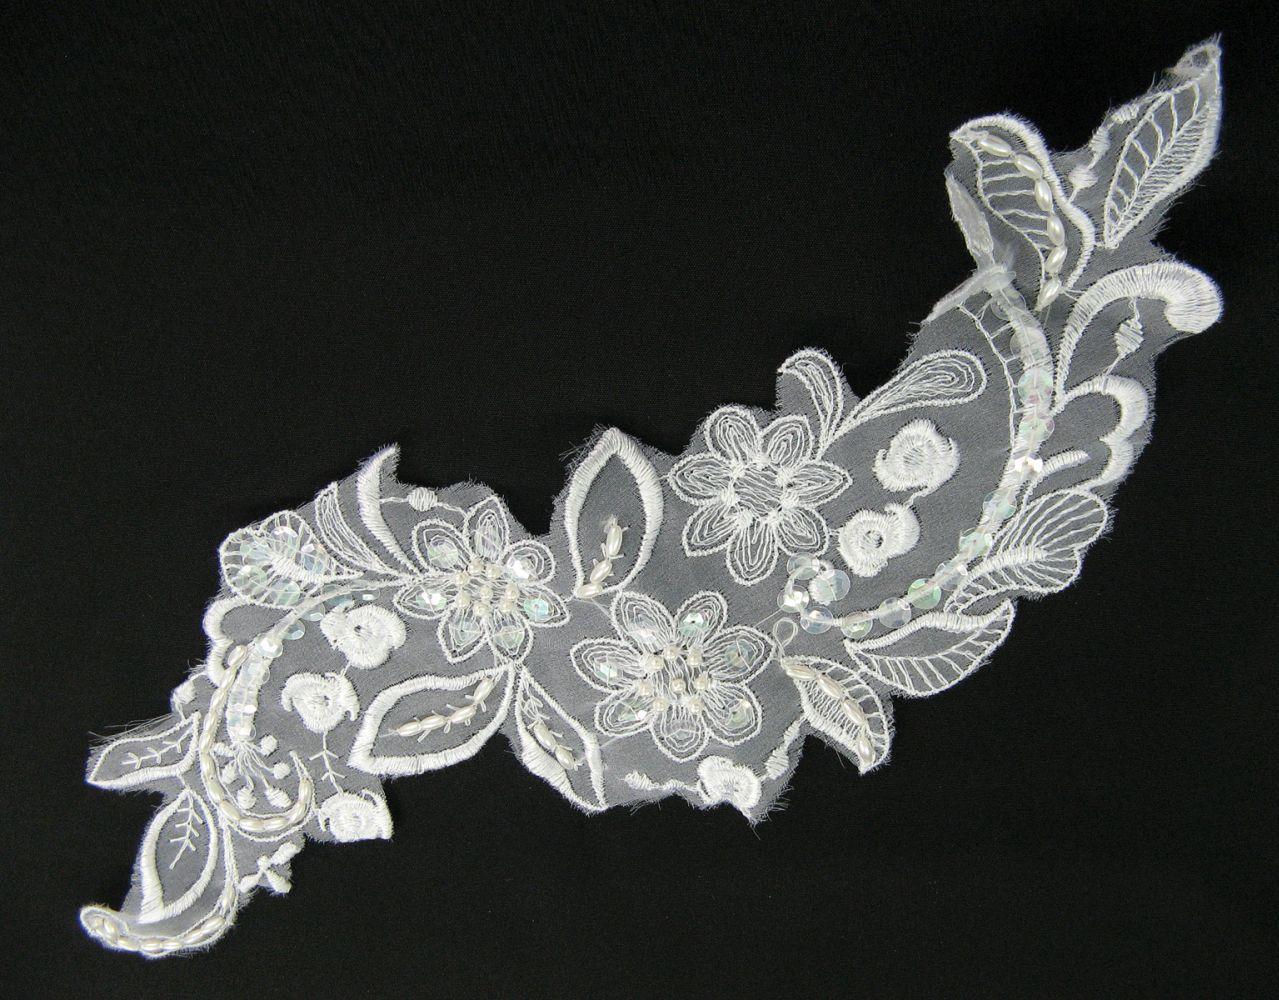 Applikation aus Organza mit Perlen und Pailletten, 33x12 cm